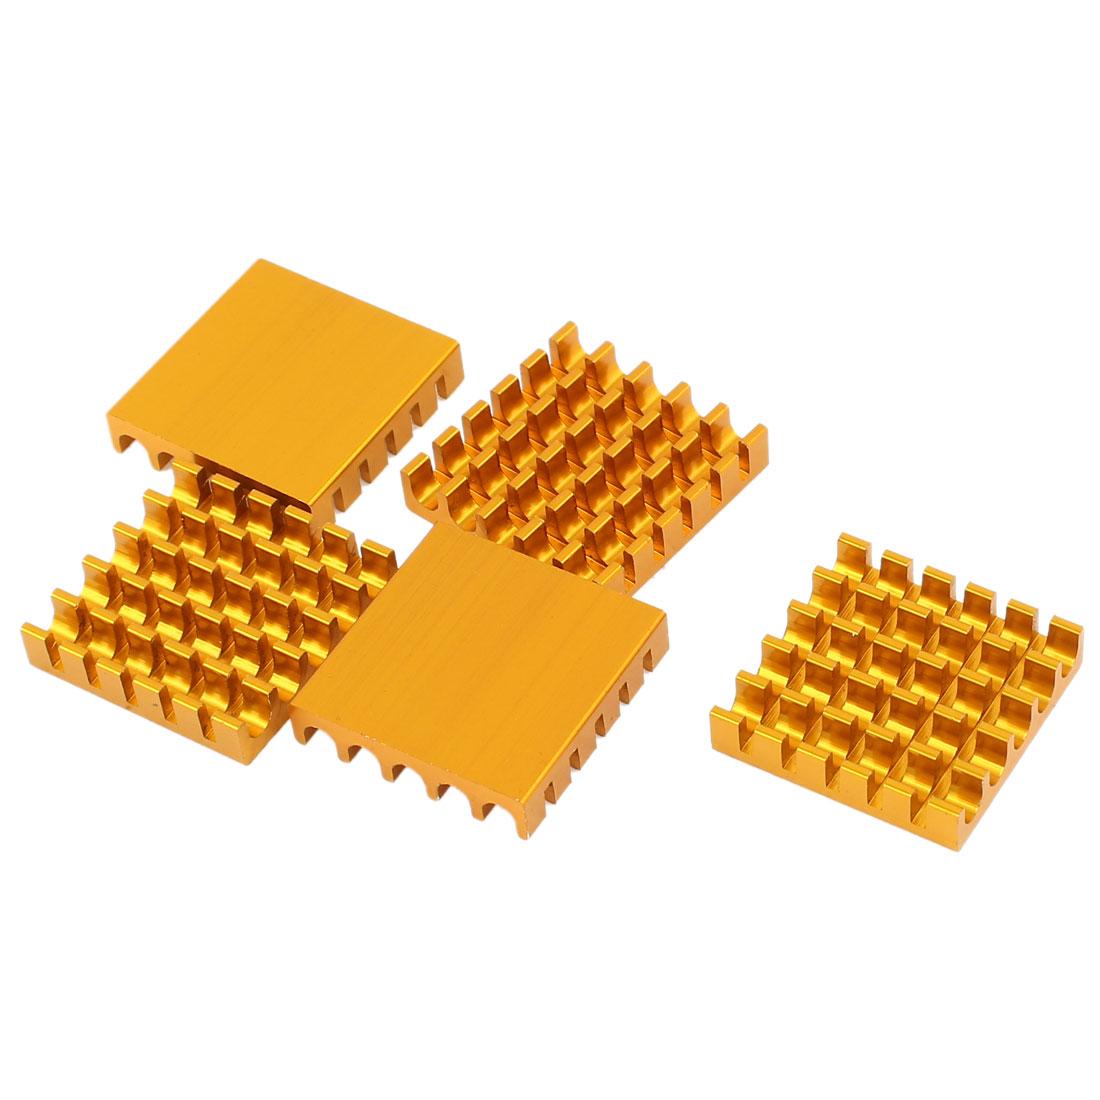 5 Pcs Gold Tone Aluminum Radiator Heat Sink Heatsink 22mm x 22mm x 5mm